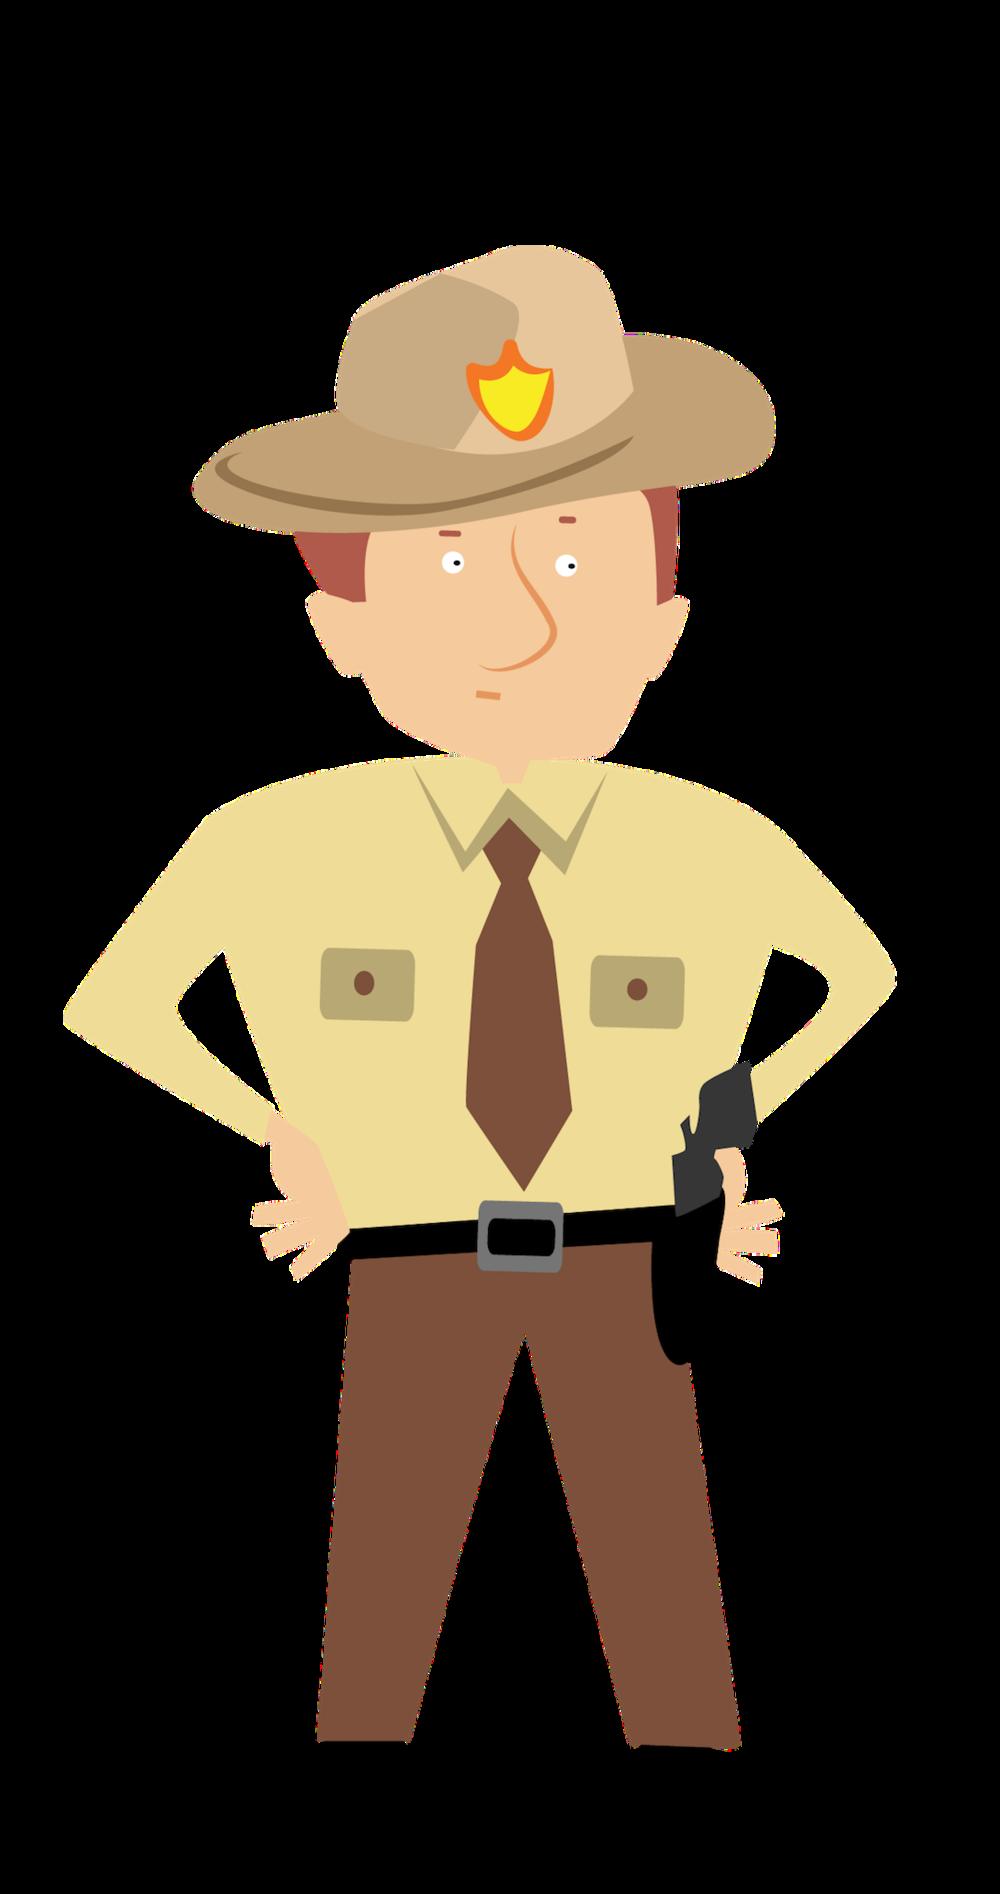 Deputy Roger